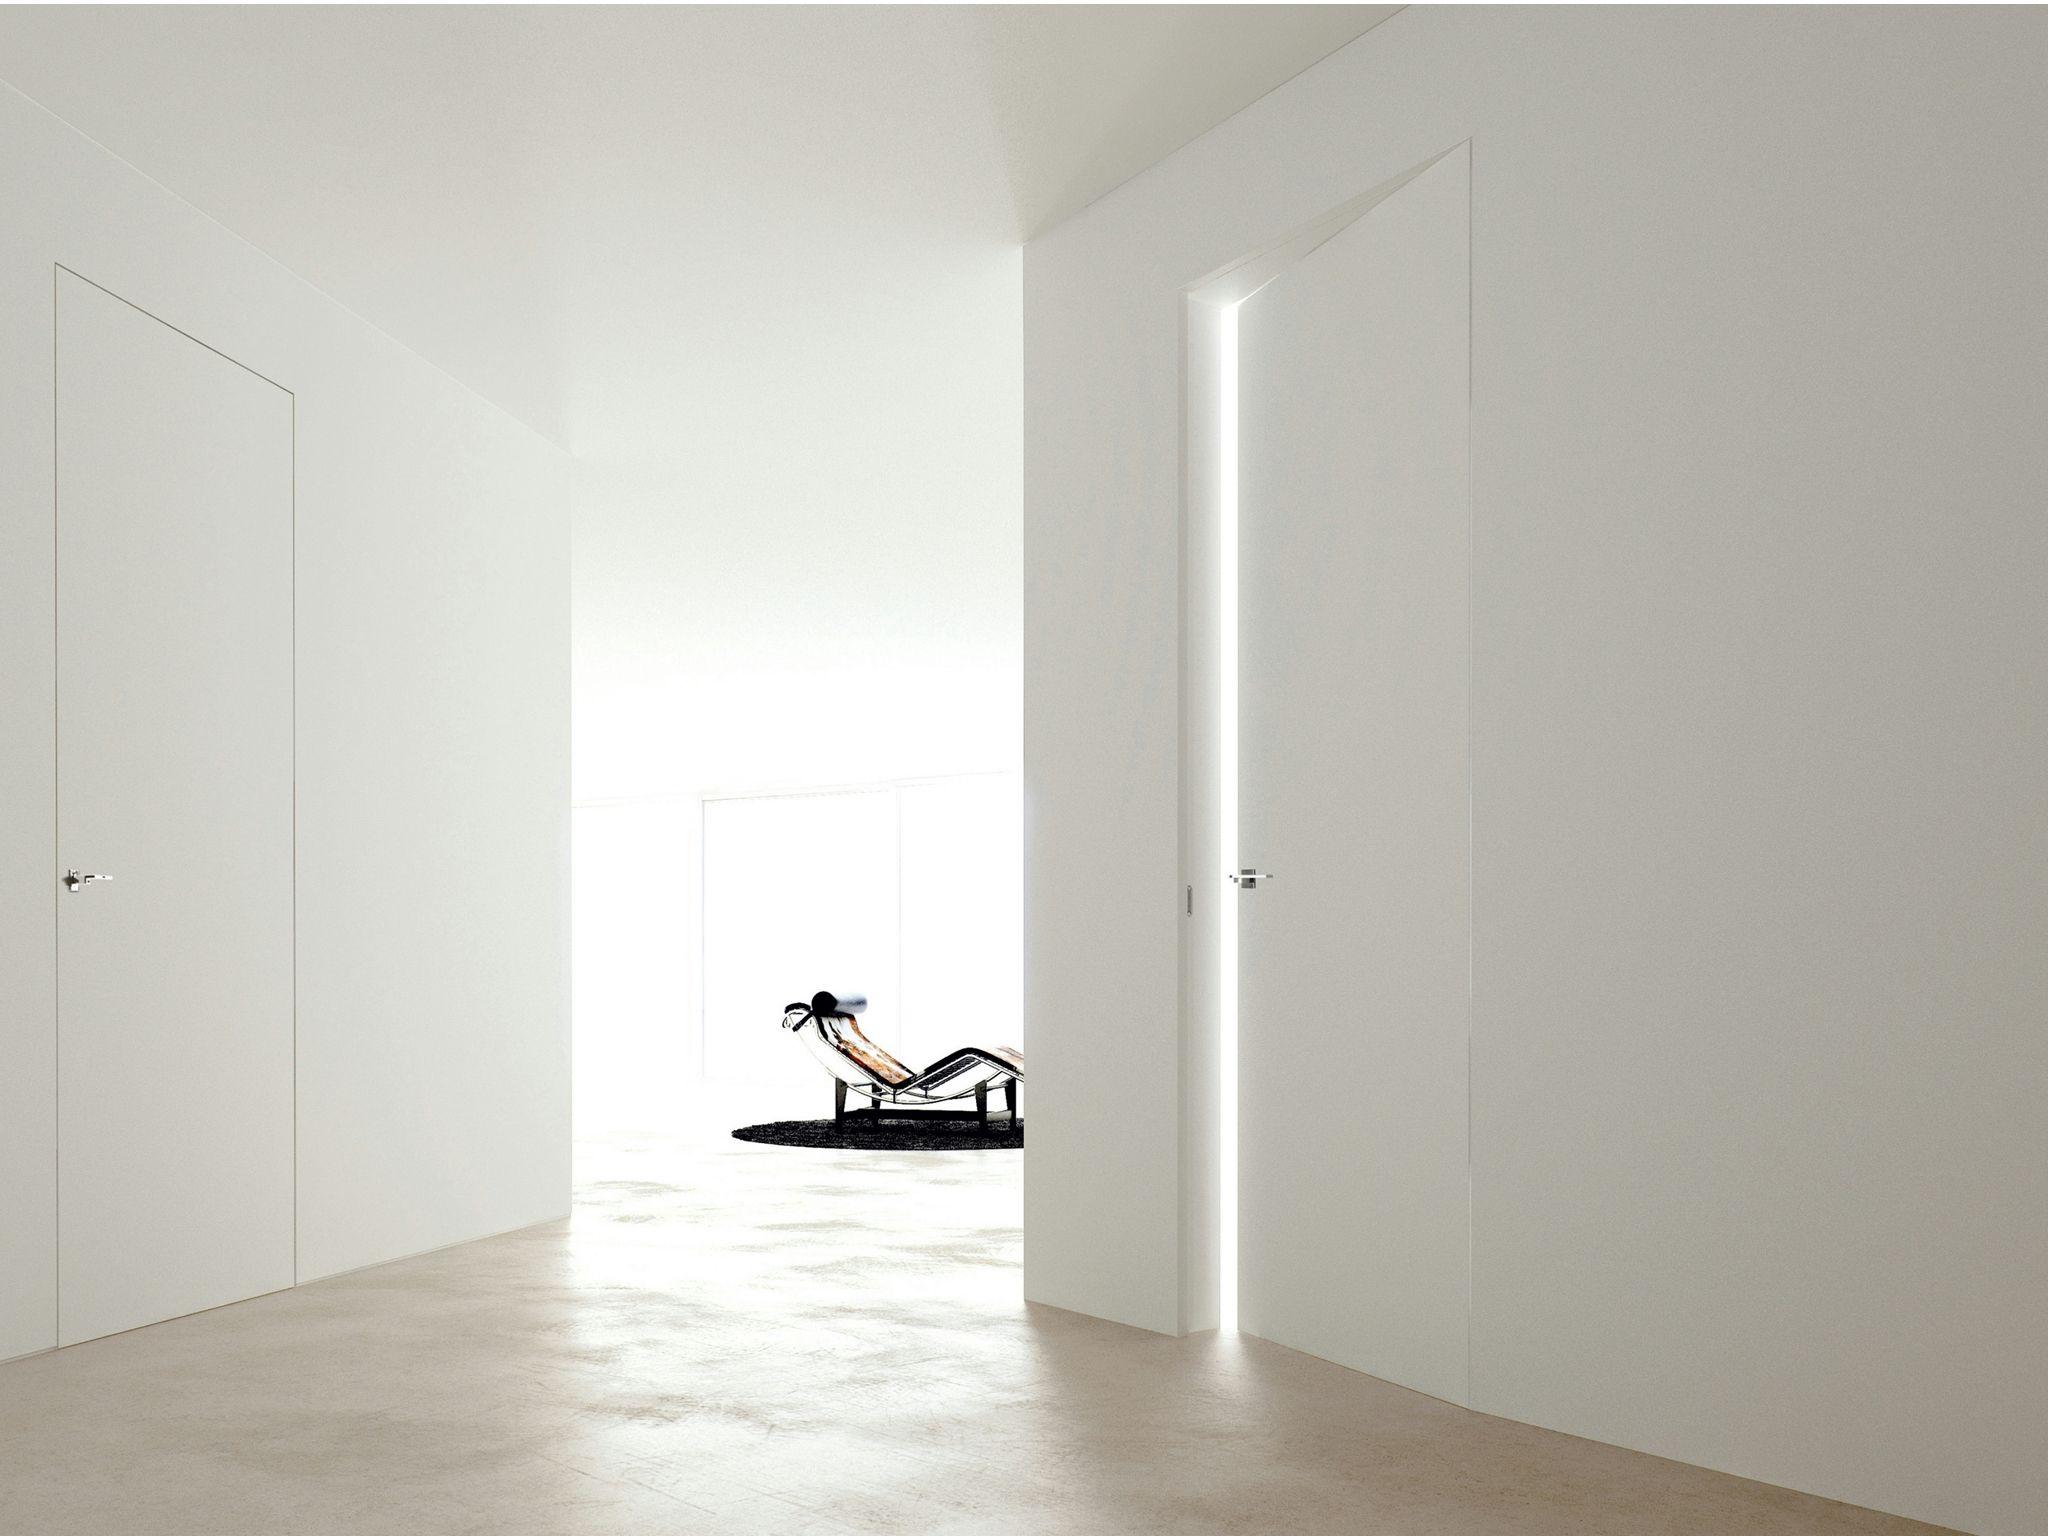 Porta a filo muro linear zero by ghizzi benatti - Porta filo muro prezzo ...